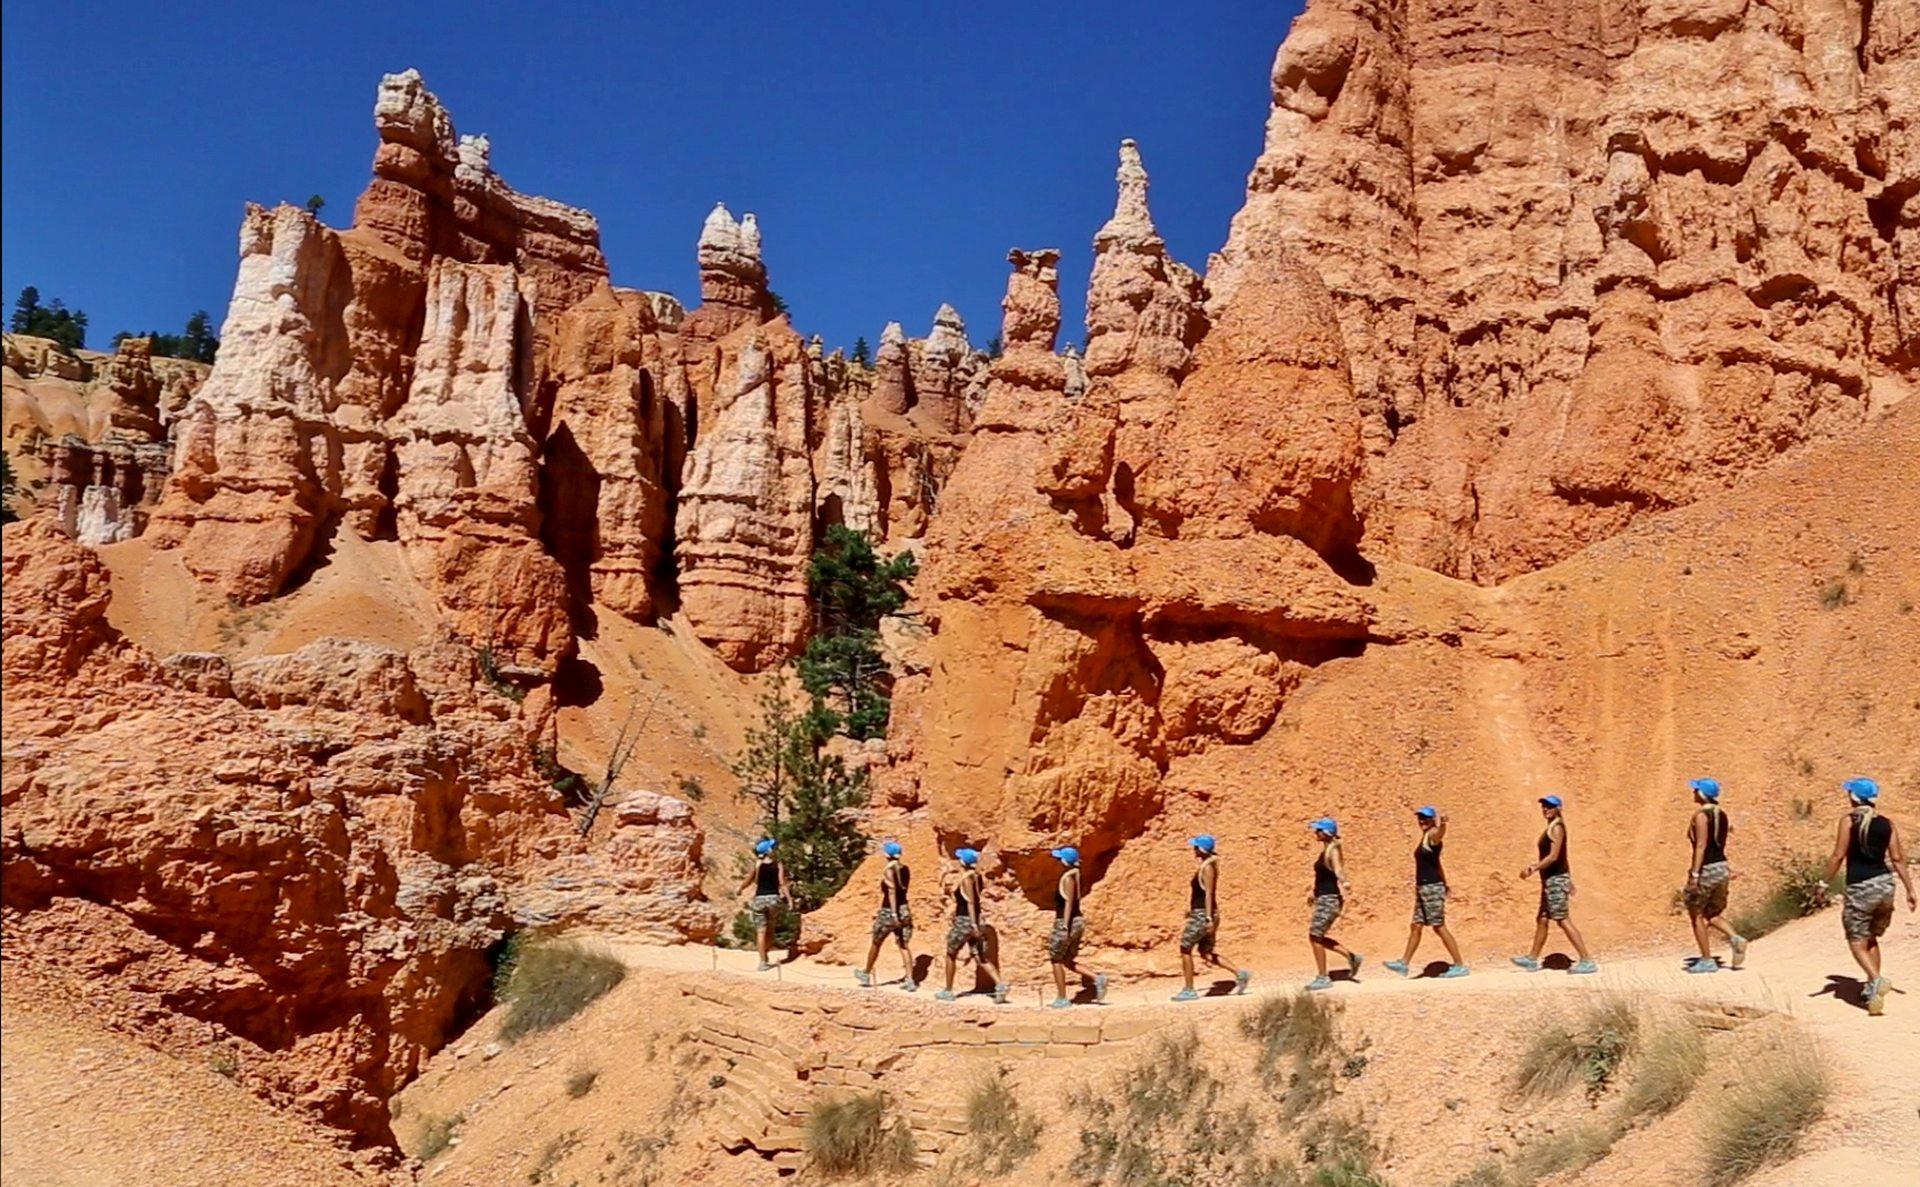 Am liebsten würde ich mich zerteilen, um noch mehr zu sehen! - Blondine, Bryce Canyon National Park, Canyon, Erosion, farbenfroh, Felsnadeln, Felstürme, Geologie, Gestein, Gesteinssäulen, Himmel, Hoodoos, malerisch, Monolithen, Personen, Pfad, Portrait, Porträt, Sandstein, traumhaft, Utah, Wanderweg, Weg - HOFBAUER-HOFMANN Sofia - (Bryce Canyon, Bryce, Utah, Vereinigte Staaten)